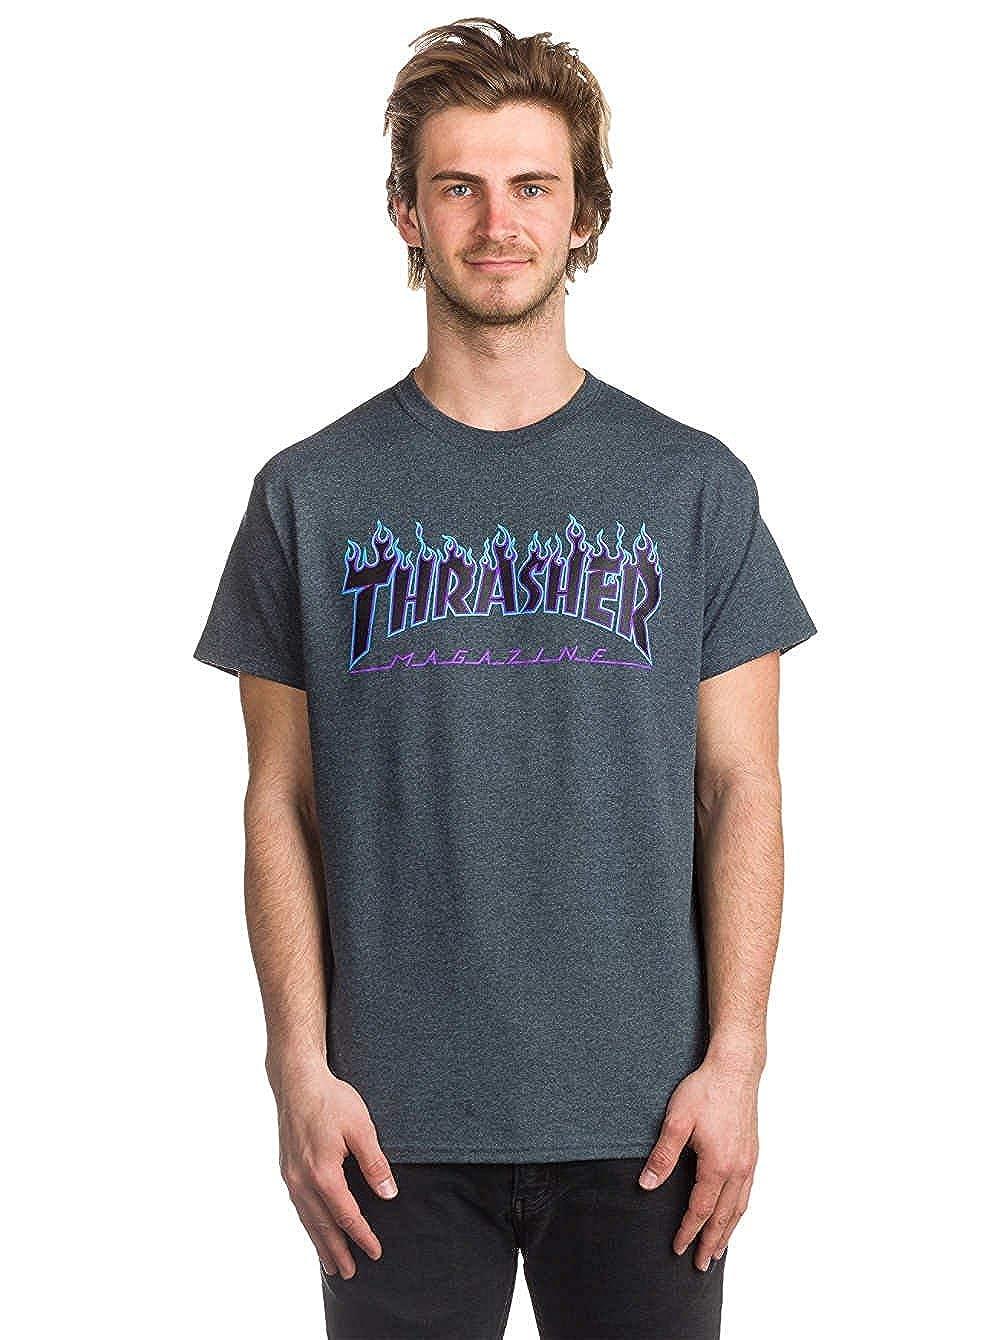 5aa04c17347d Thrasher Skateboard Magazine Flame T-Shirt (Dark Heather) | Amazon.com